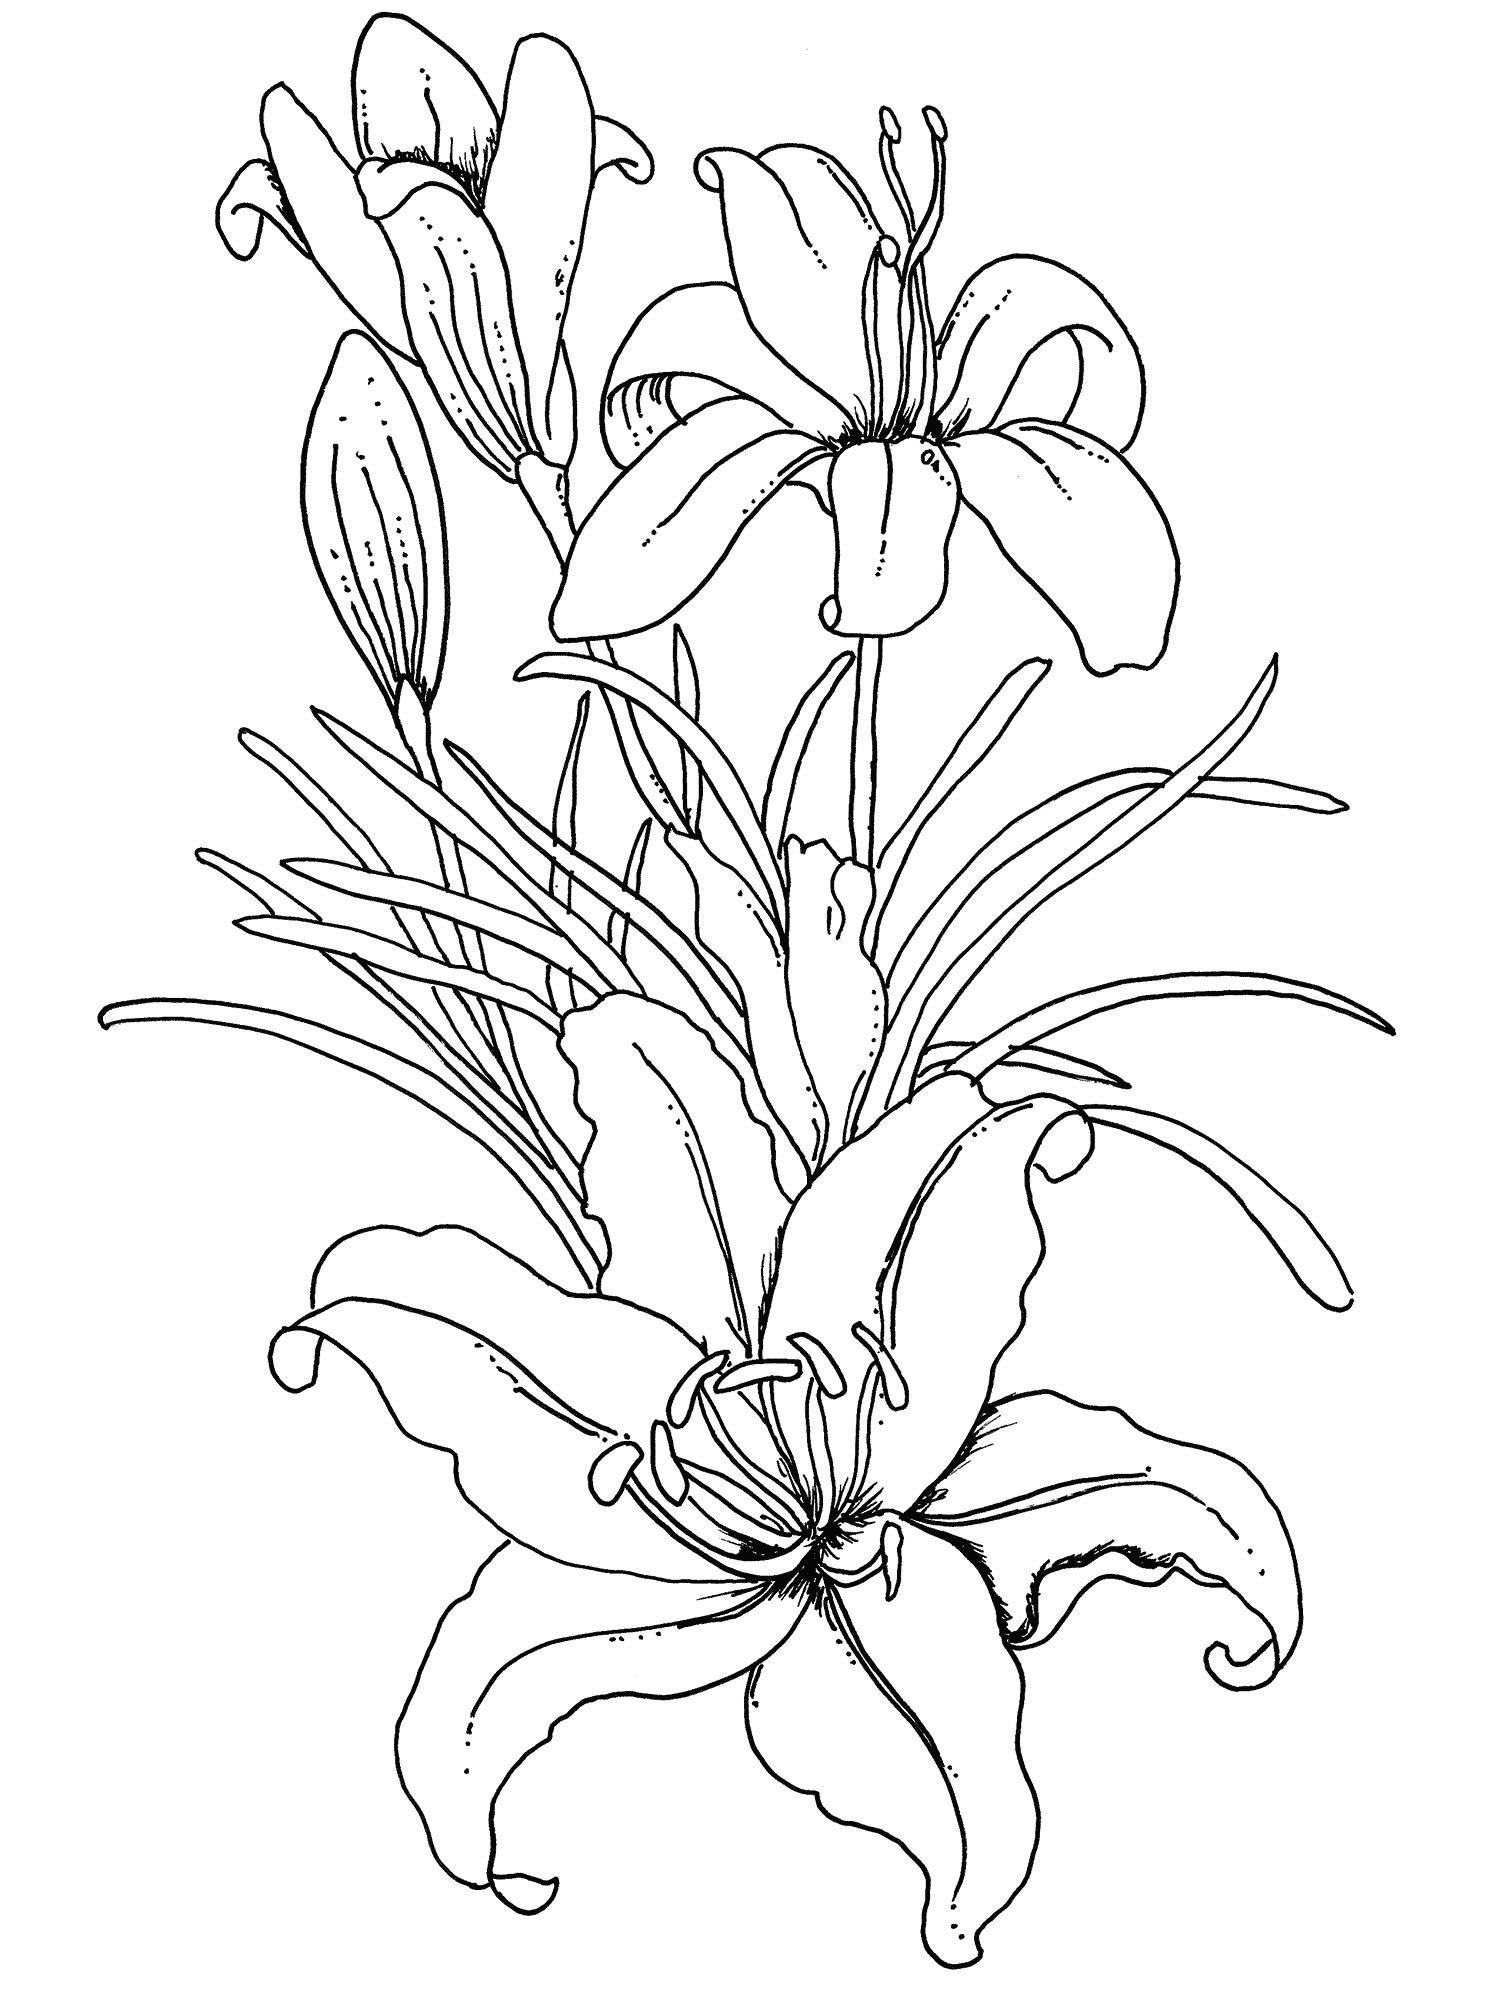 Flower Coloring Pages For Adults | Copias de diferentes dibujos ...